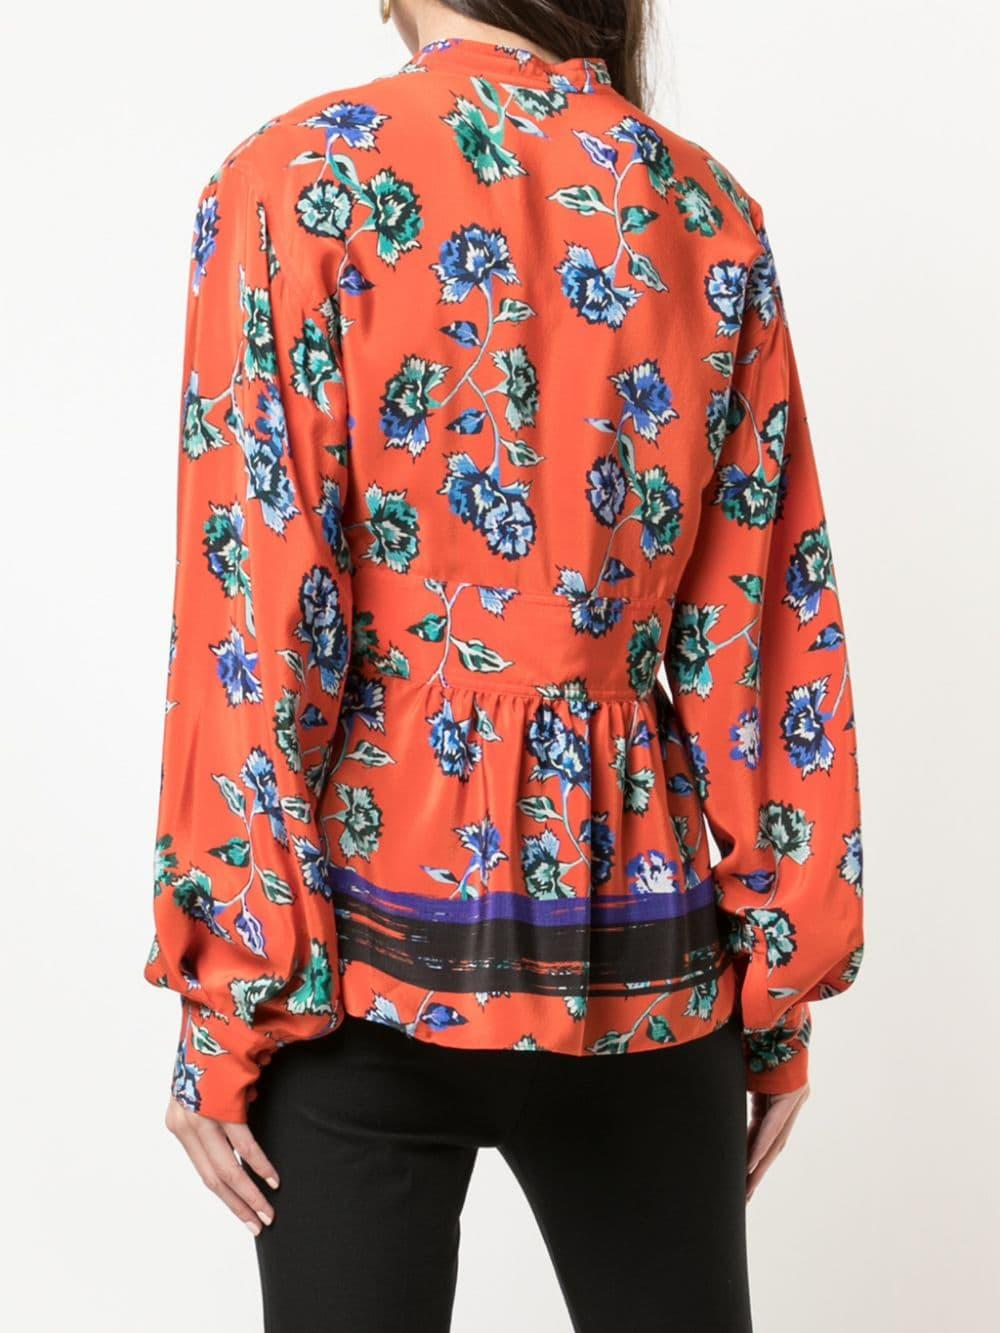 Blusa de manga larga con motivo floral y cuello lazado 10 Crosby Derek Lam de color Rojo